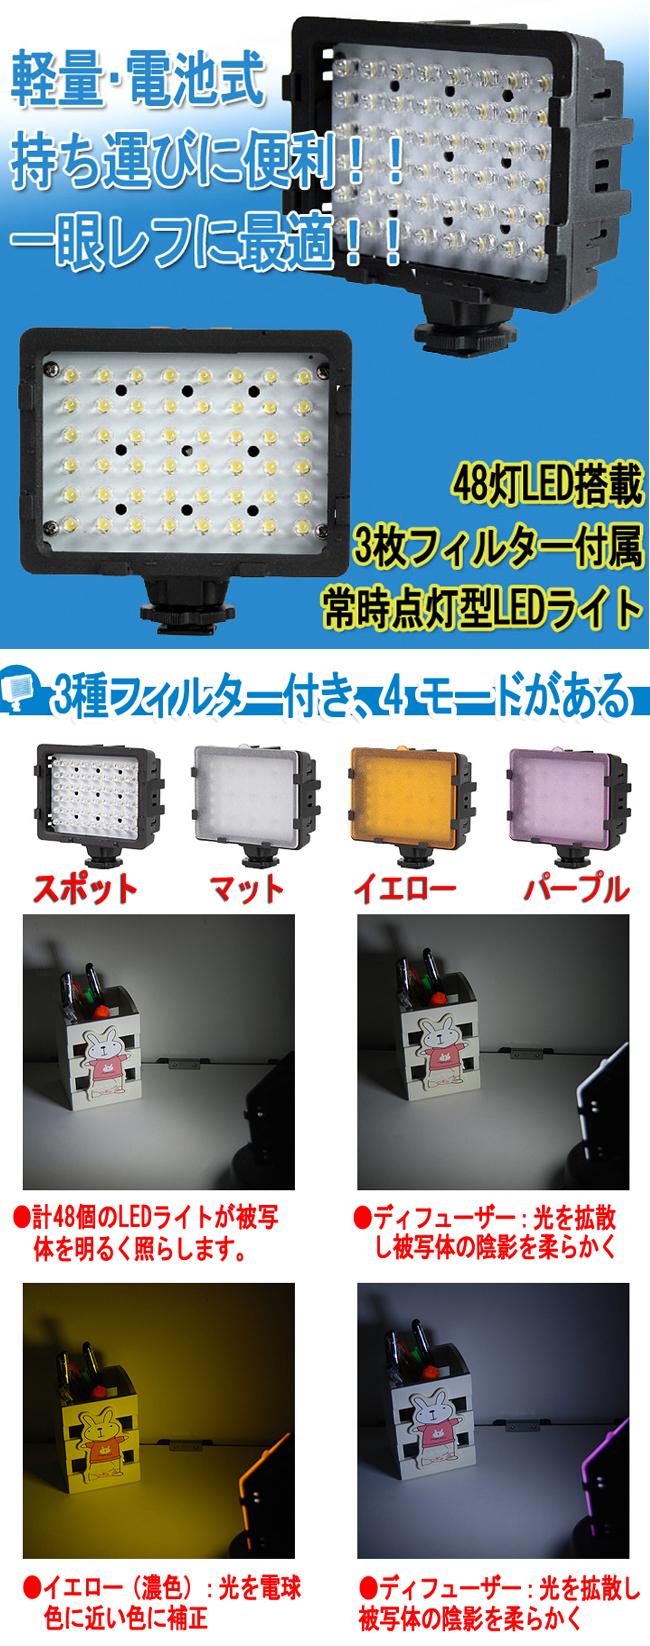 軽量・電池式 48灯LED搭載